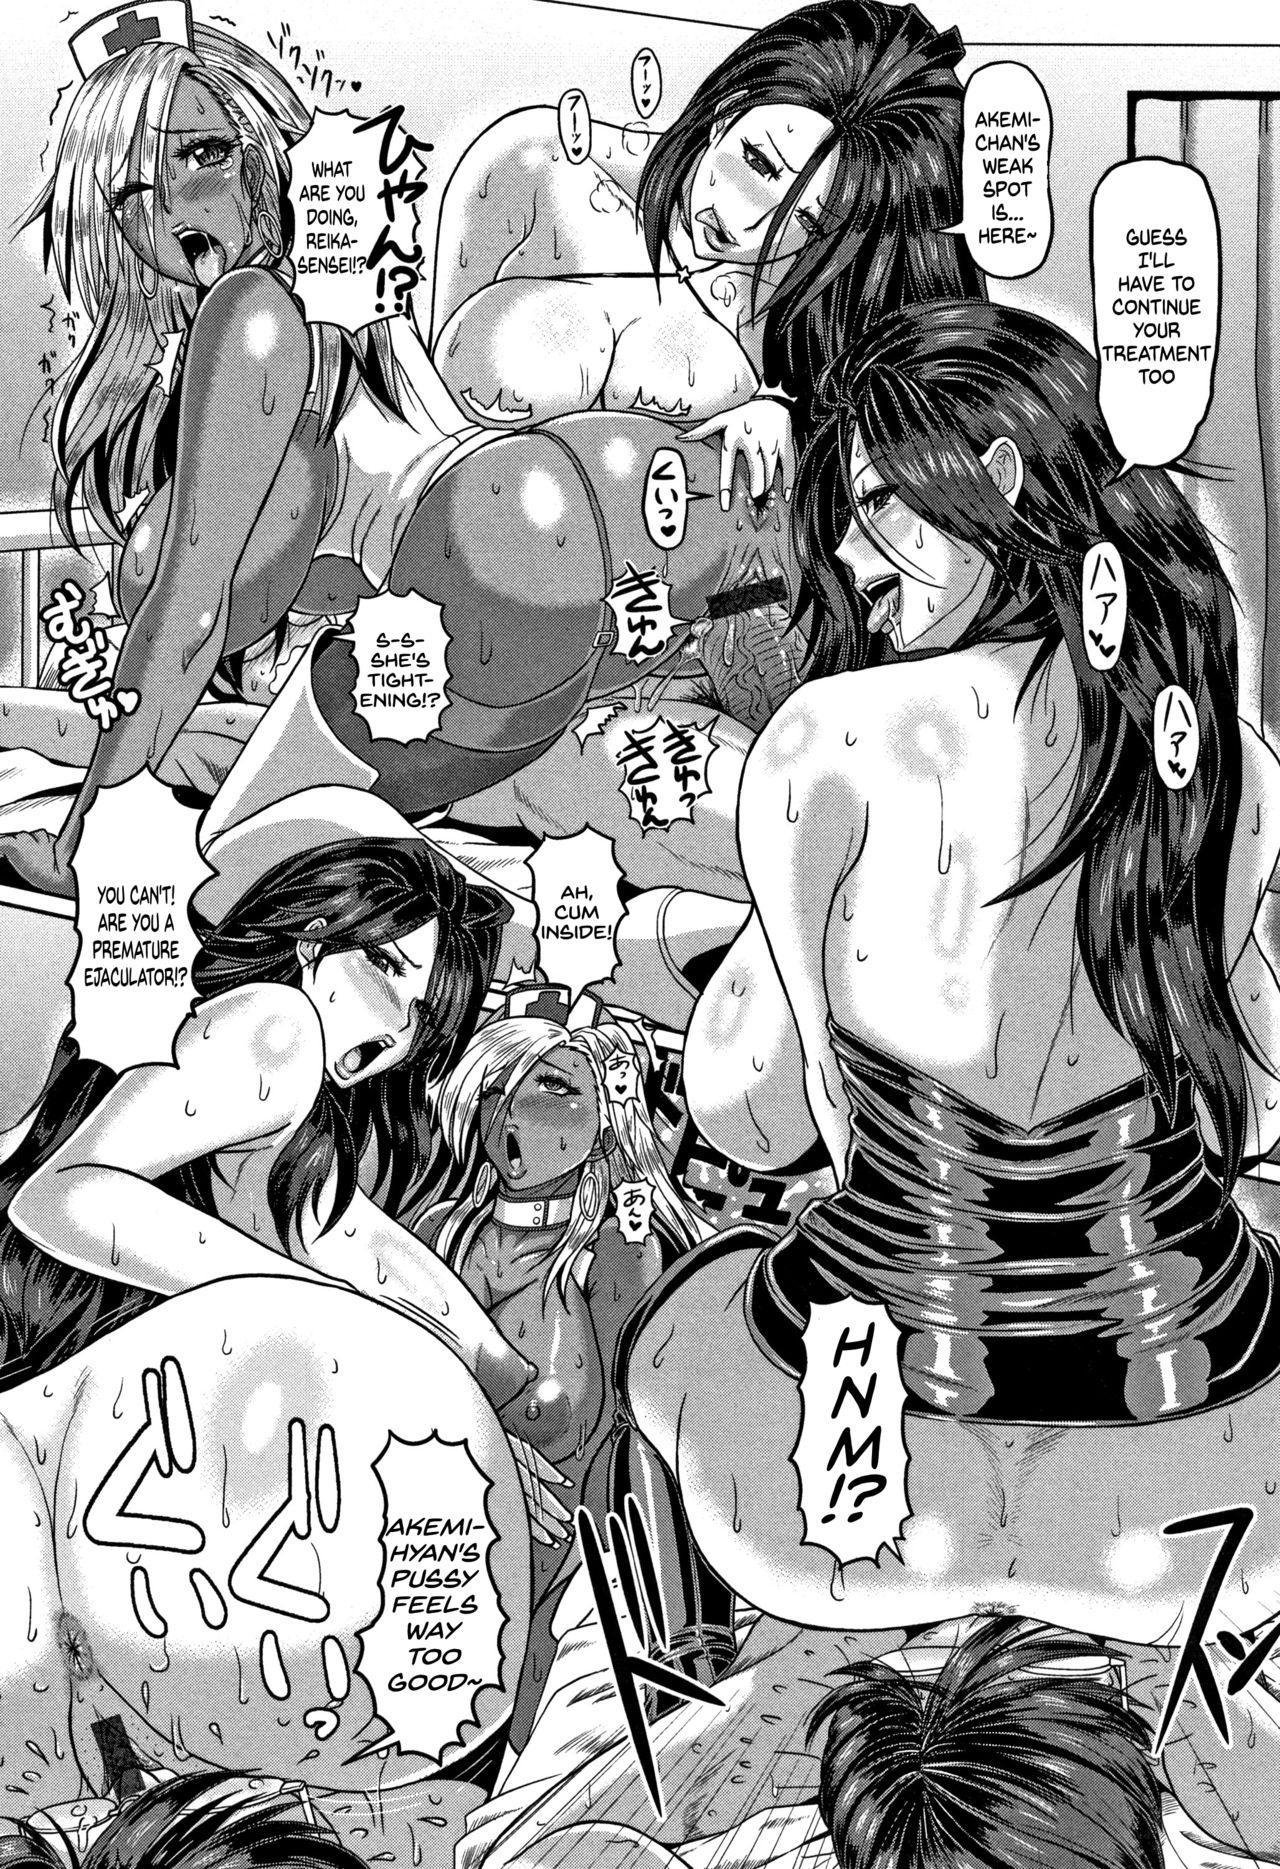 Kokoro to Karada Naoshite Ageru 15